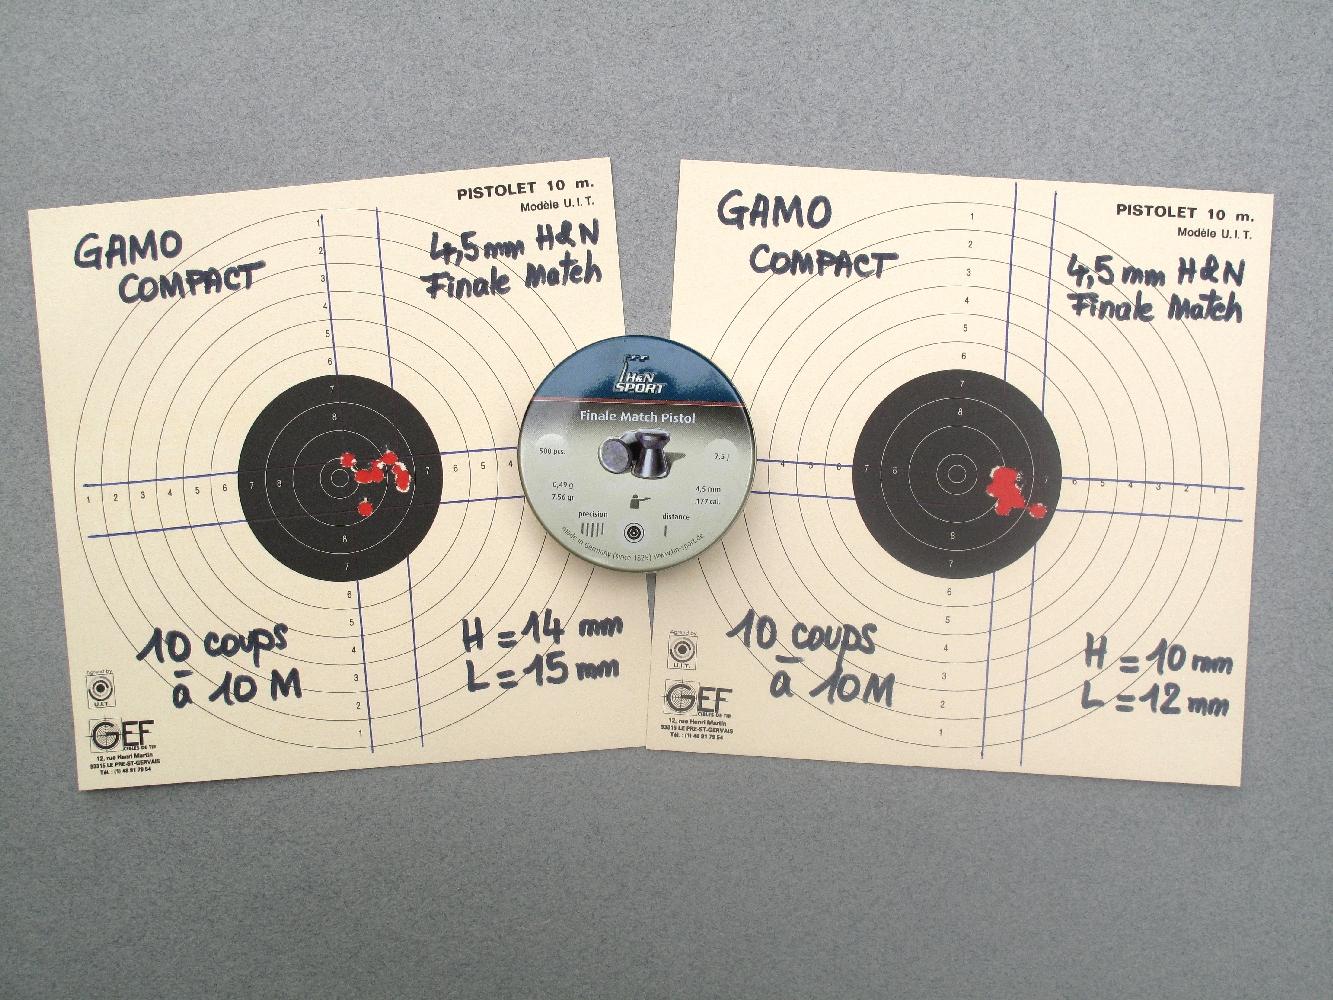 Deux groupements de dix coups réalisés sur appui à dix mètres avec des plombs « Finale Match Pistole » de la firme allemande H&N (Haendler & Natermann).